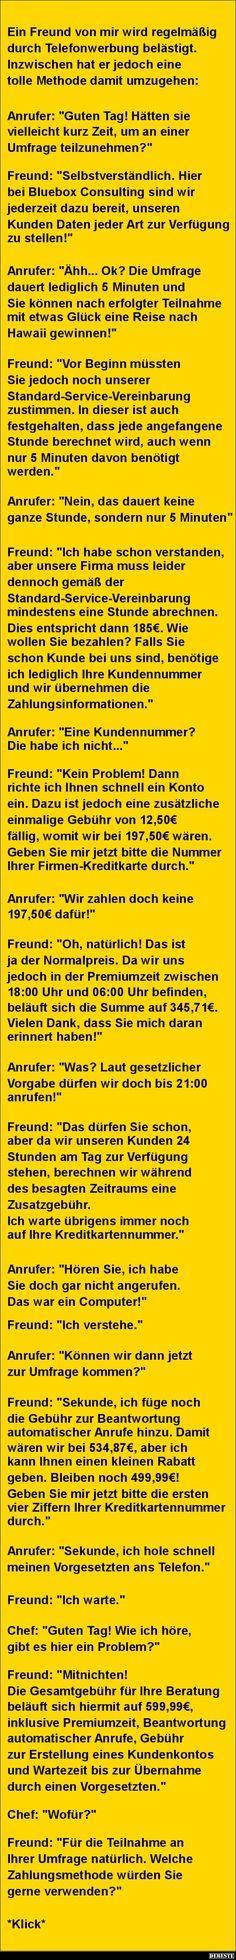 Ein Freund von mir wird regelmäßig durch Telefonwerbung belästigt | DEBESTE.de, Lustige Bilder, Sprüche, Witze und Videos